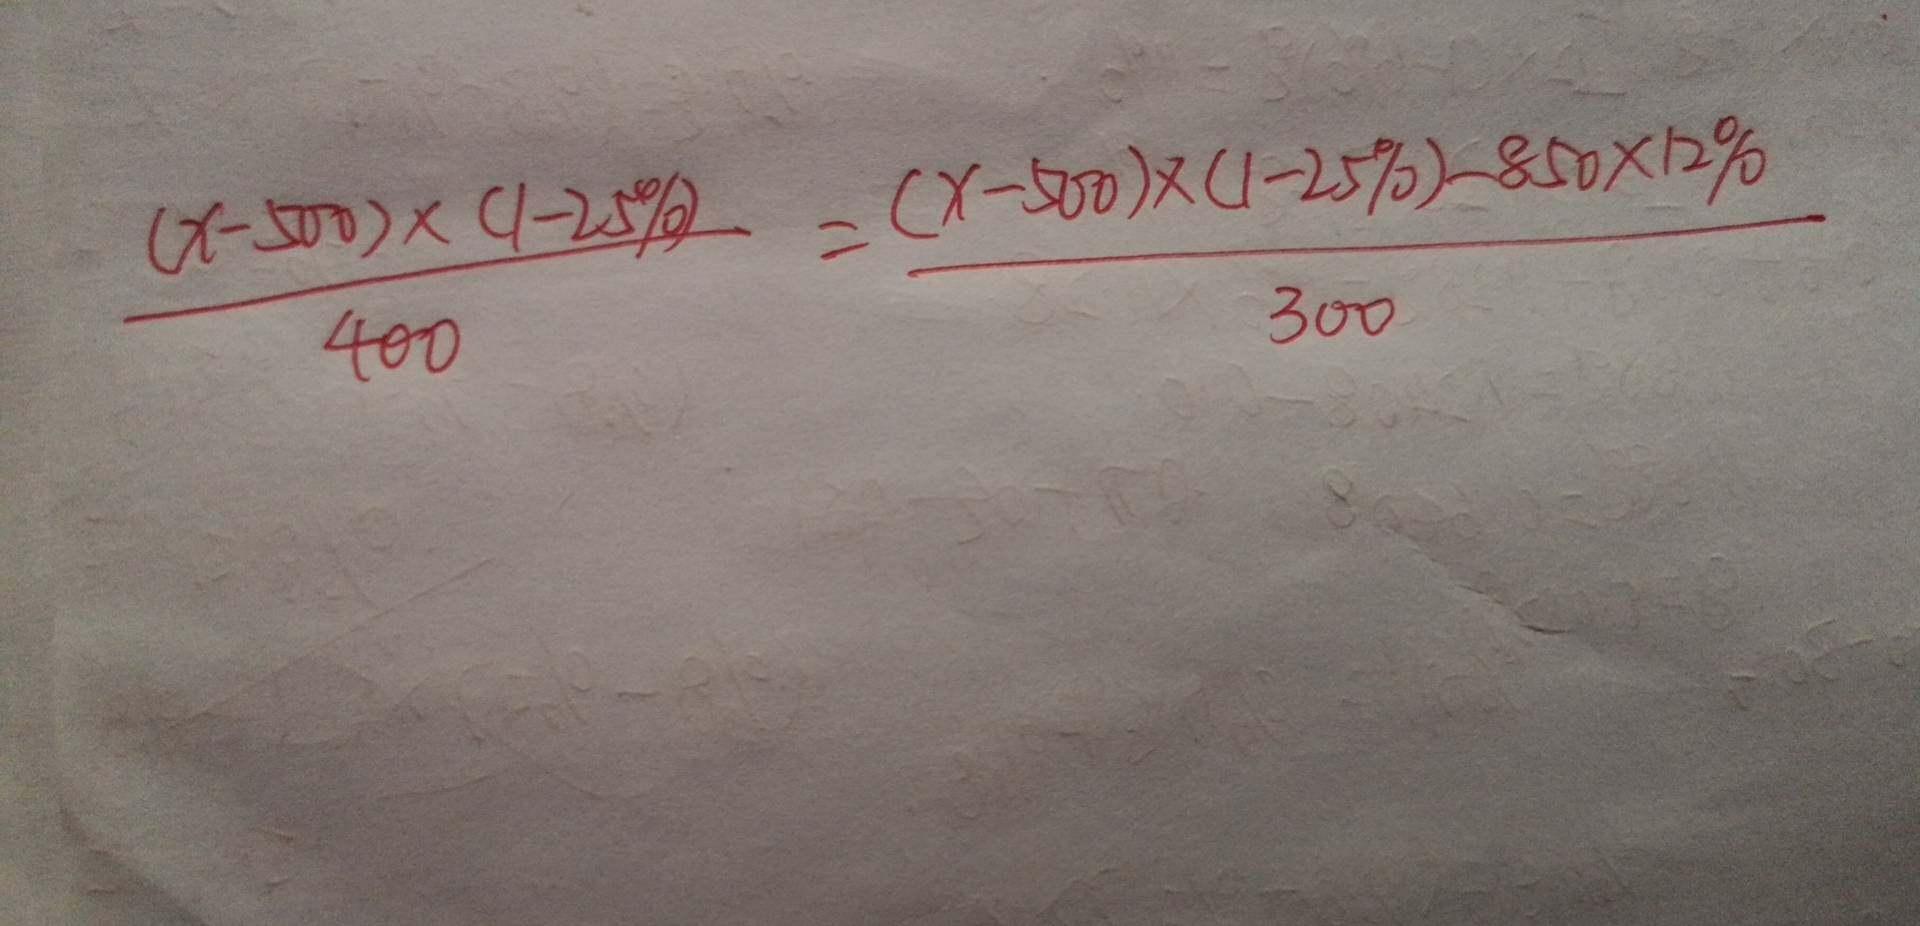 老师这个优先股股息怎么处理,科然后可以讲解一下计算过程吗